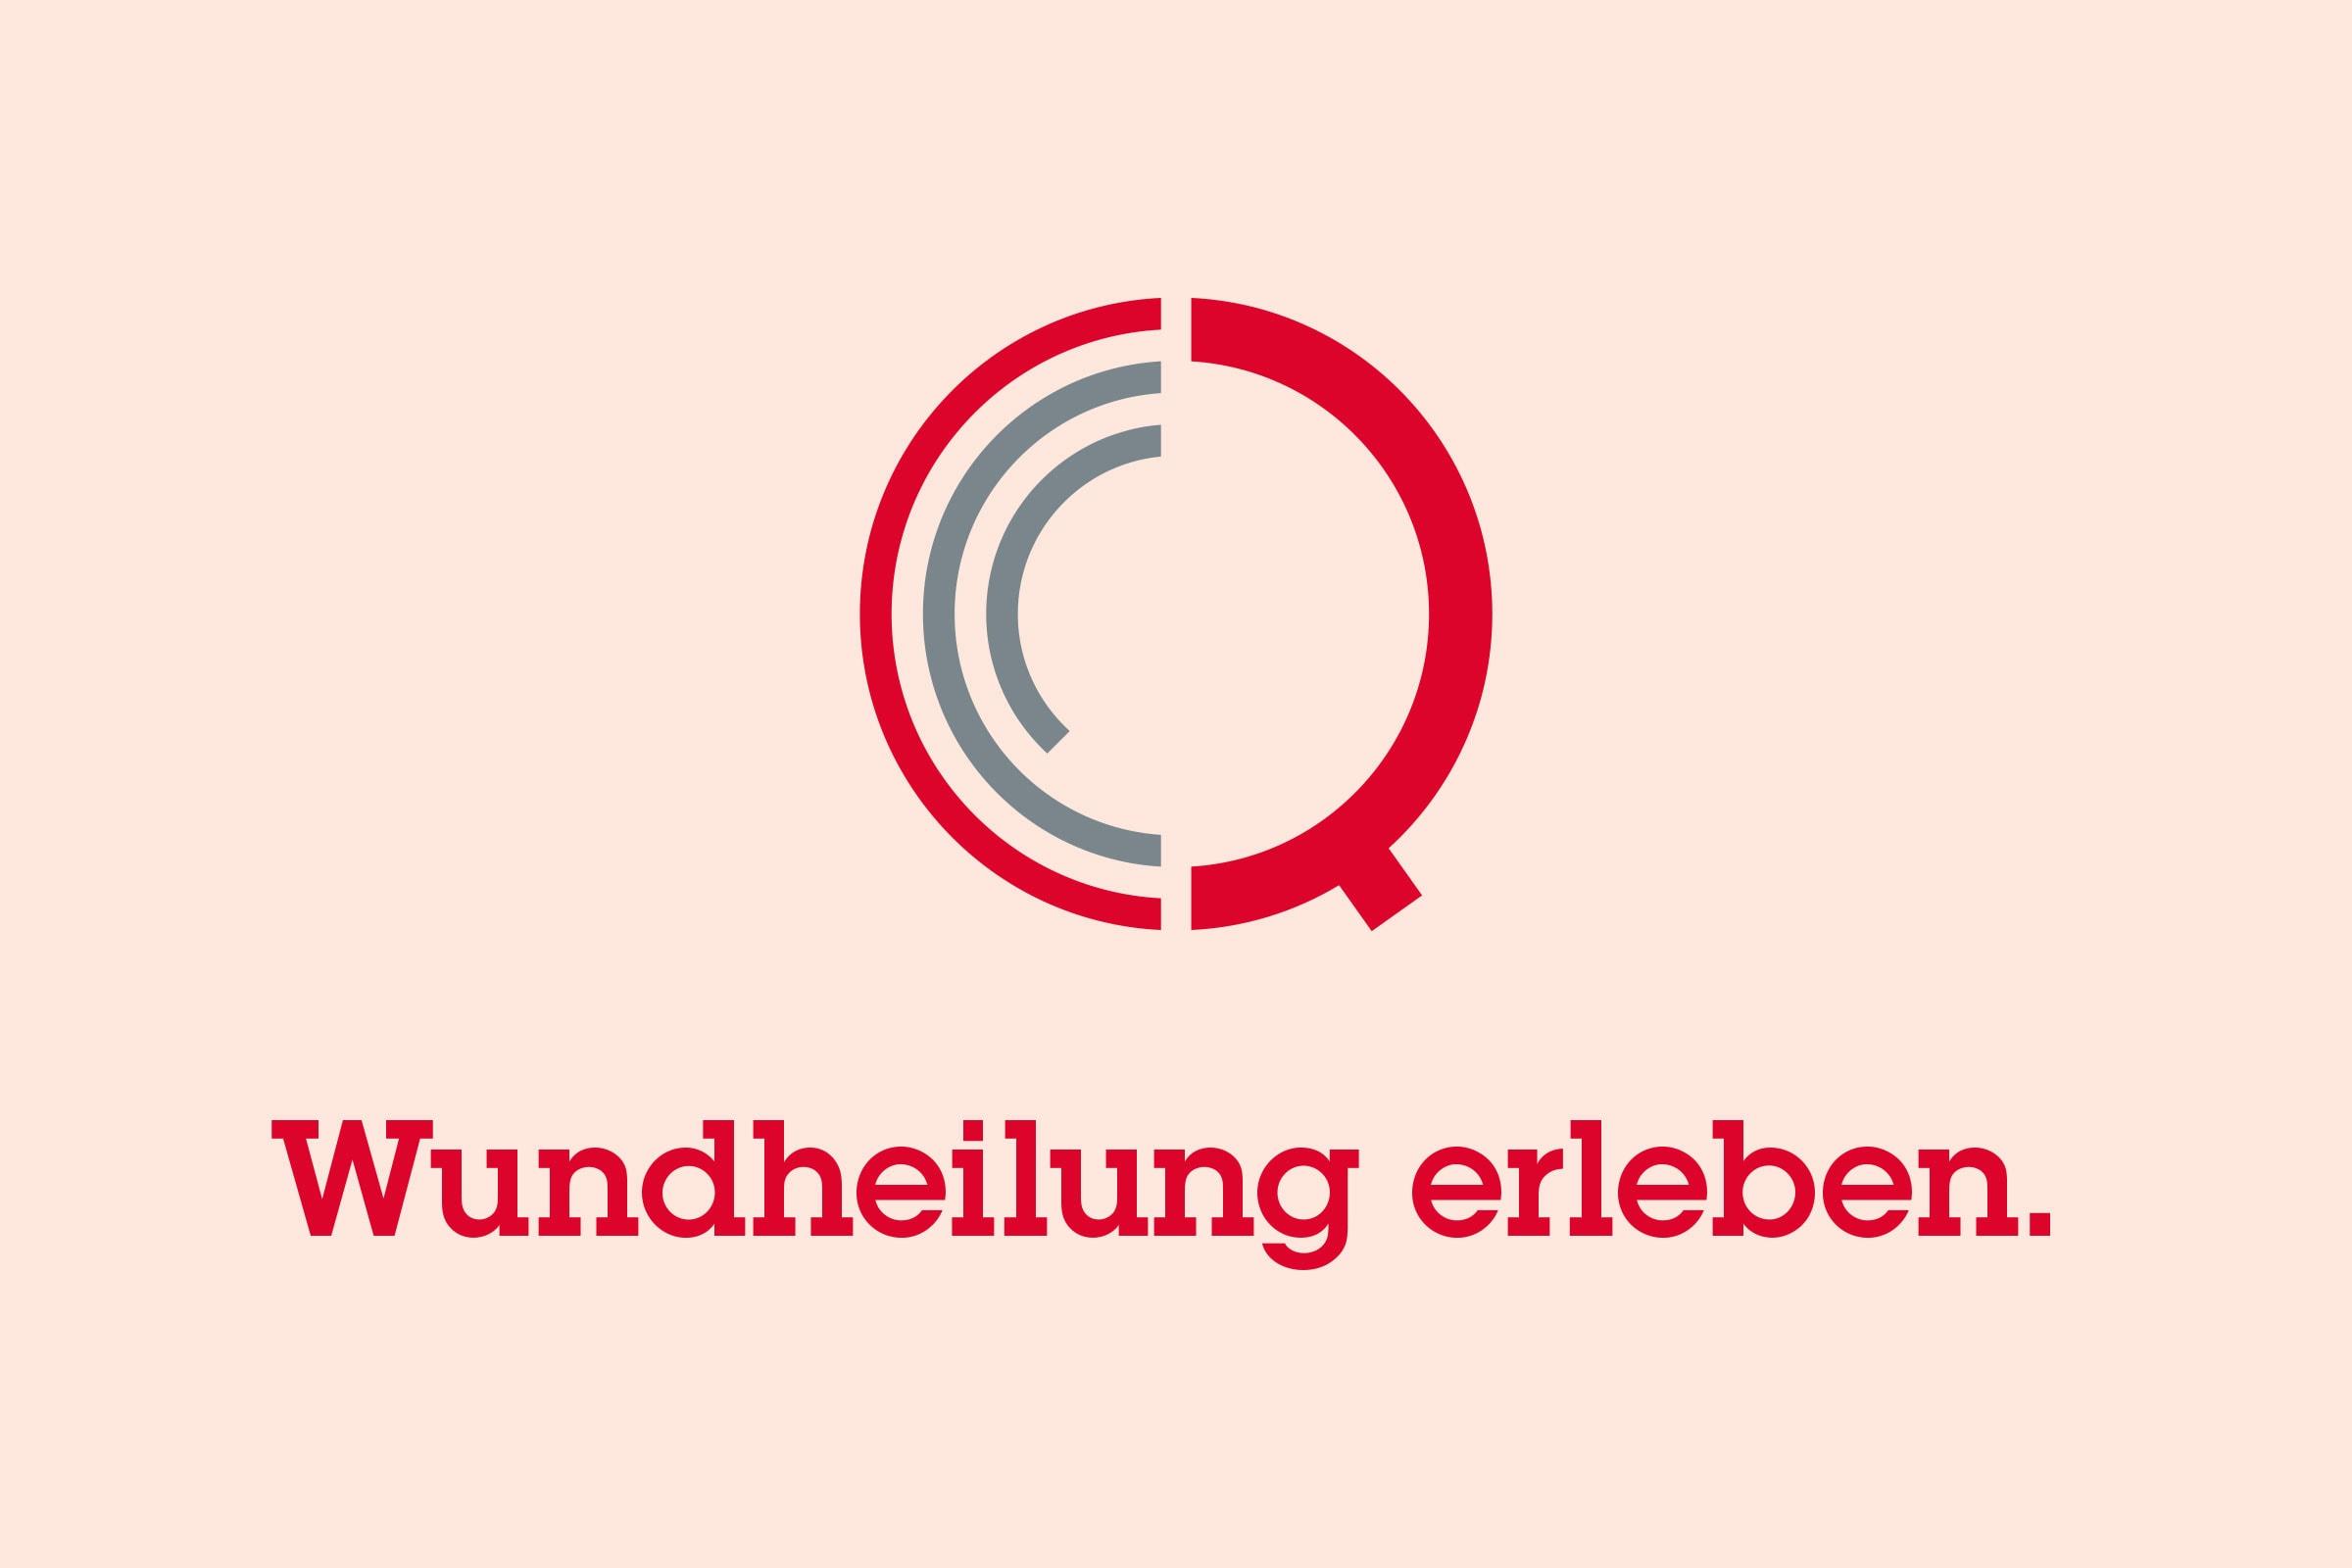 Quractiv, Claim, Logo, Wundheilung, Erleben